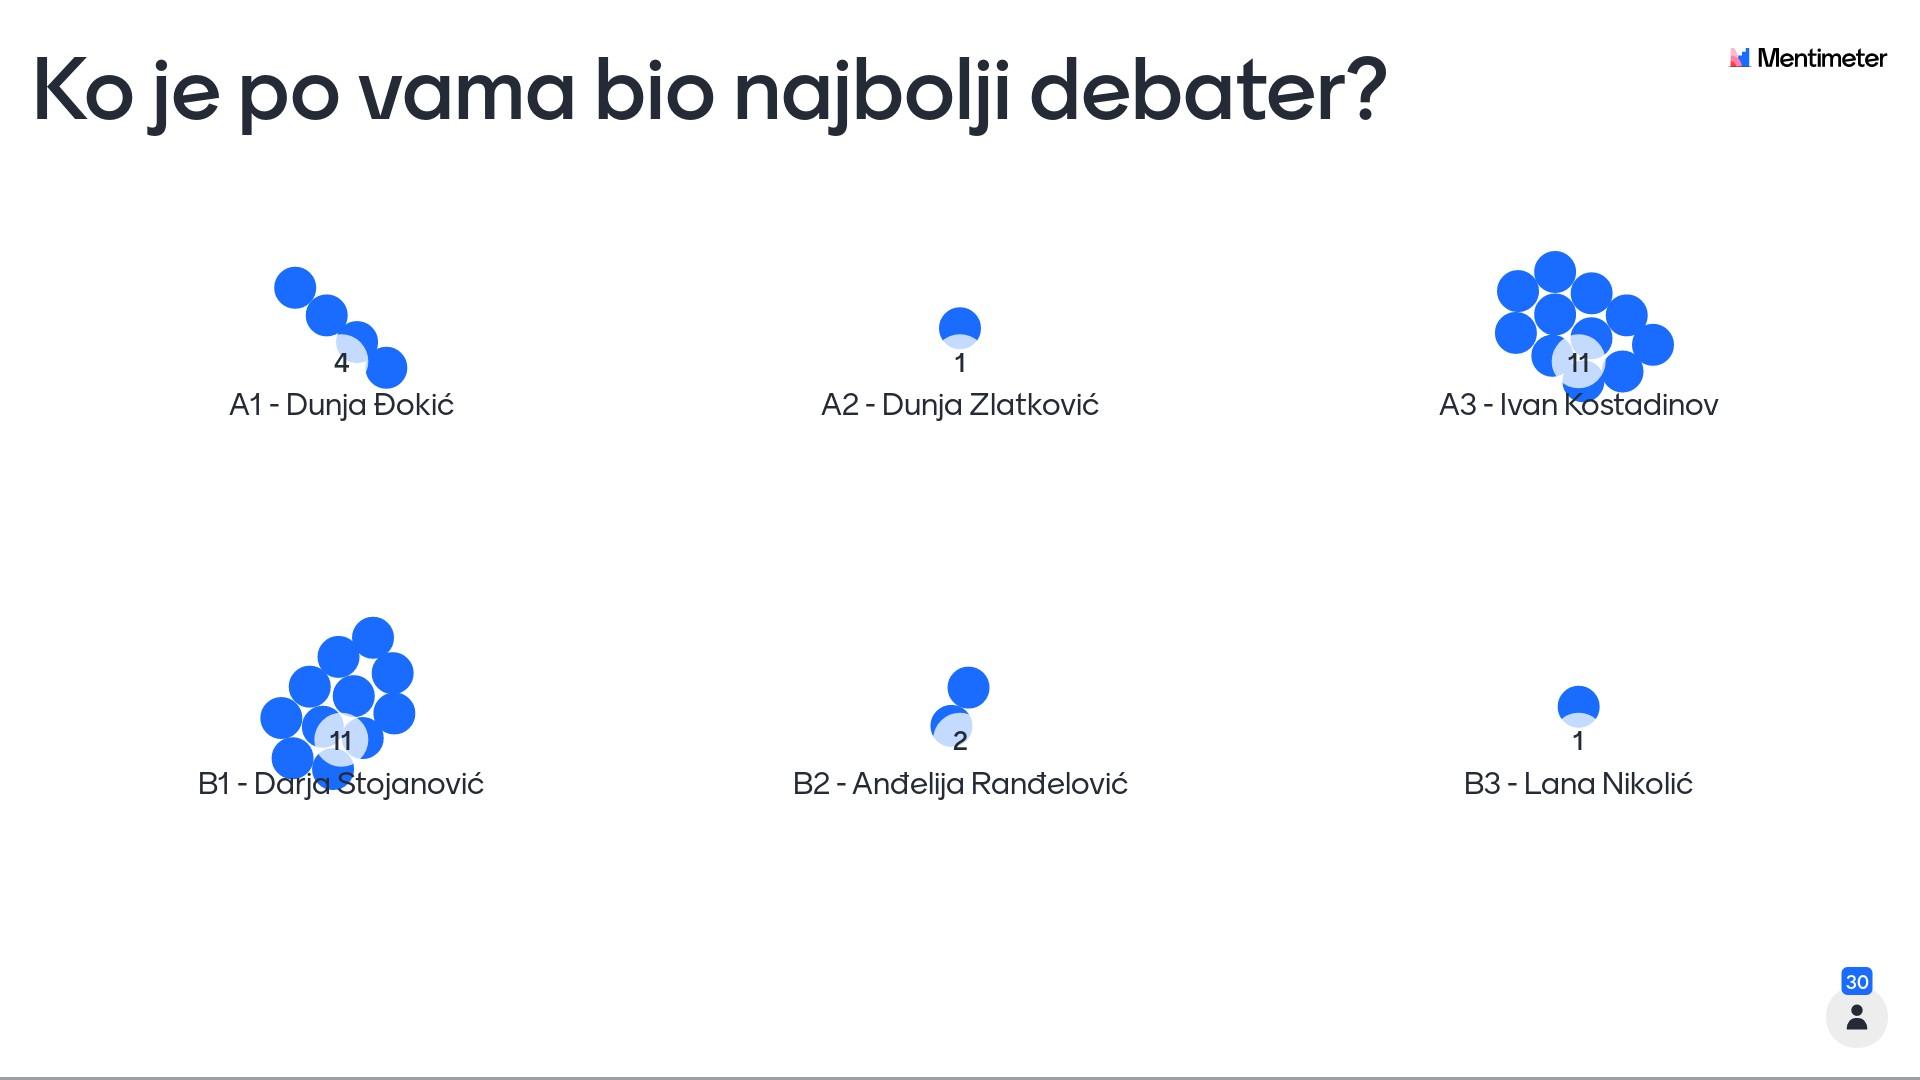 Menti-2-ko-je-po-vama-bio-najbolji-debater